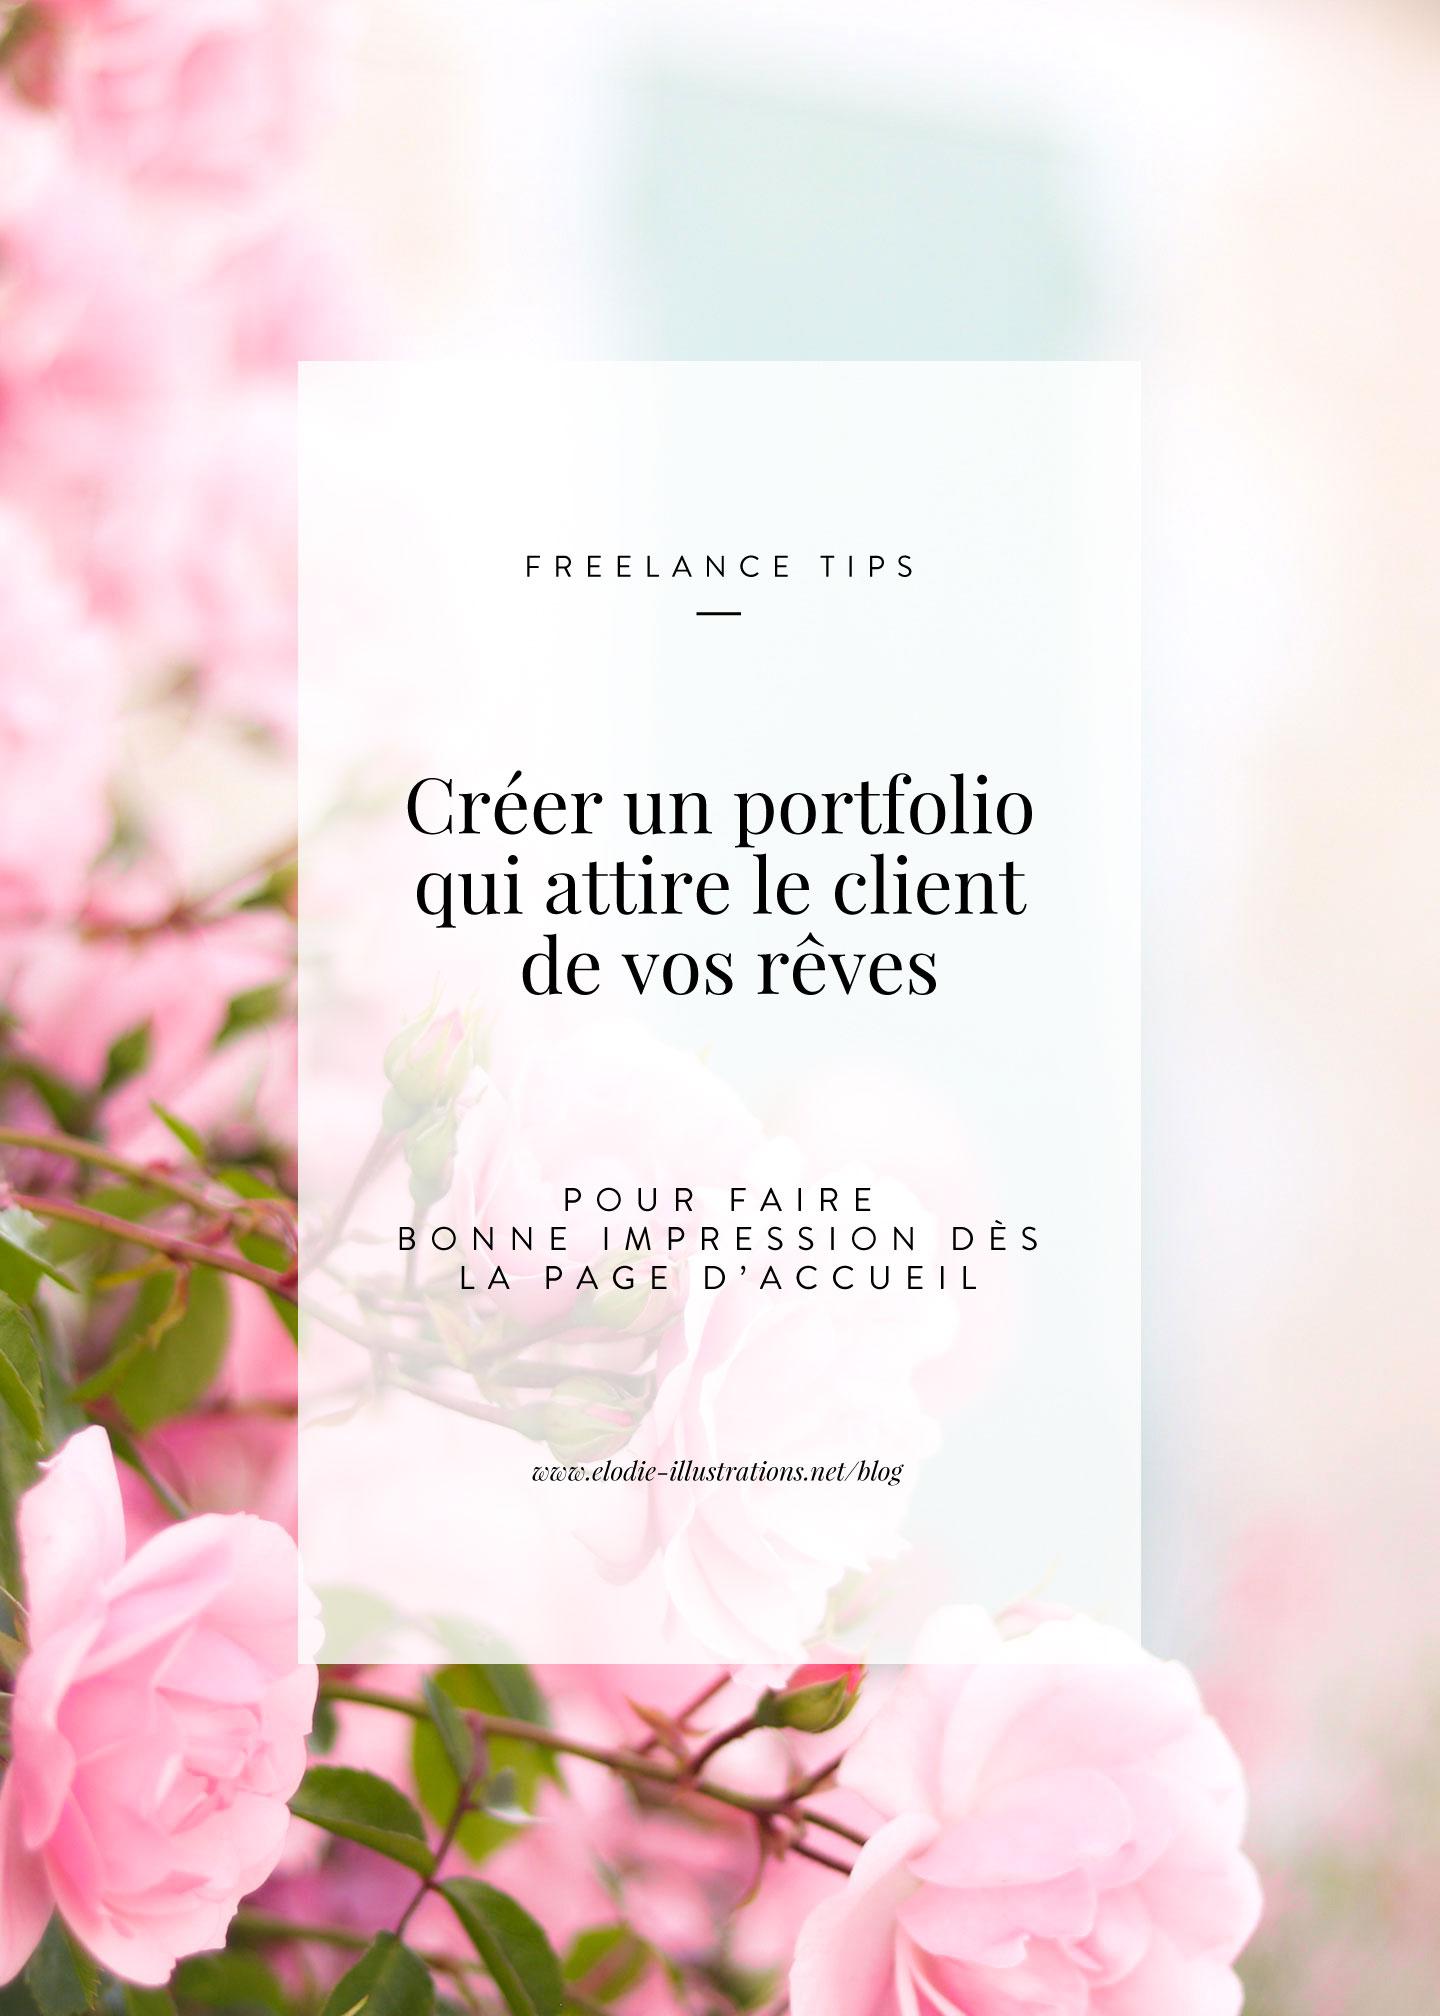 Comment créer un portfolio qui attire le client de vos rêves - Cliquez pour découvrir l'article